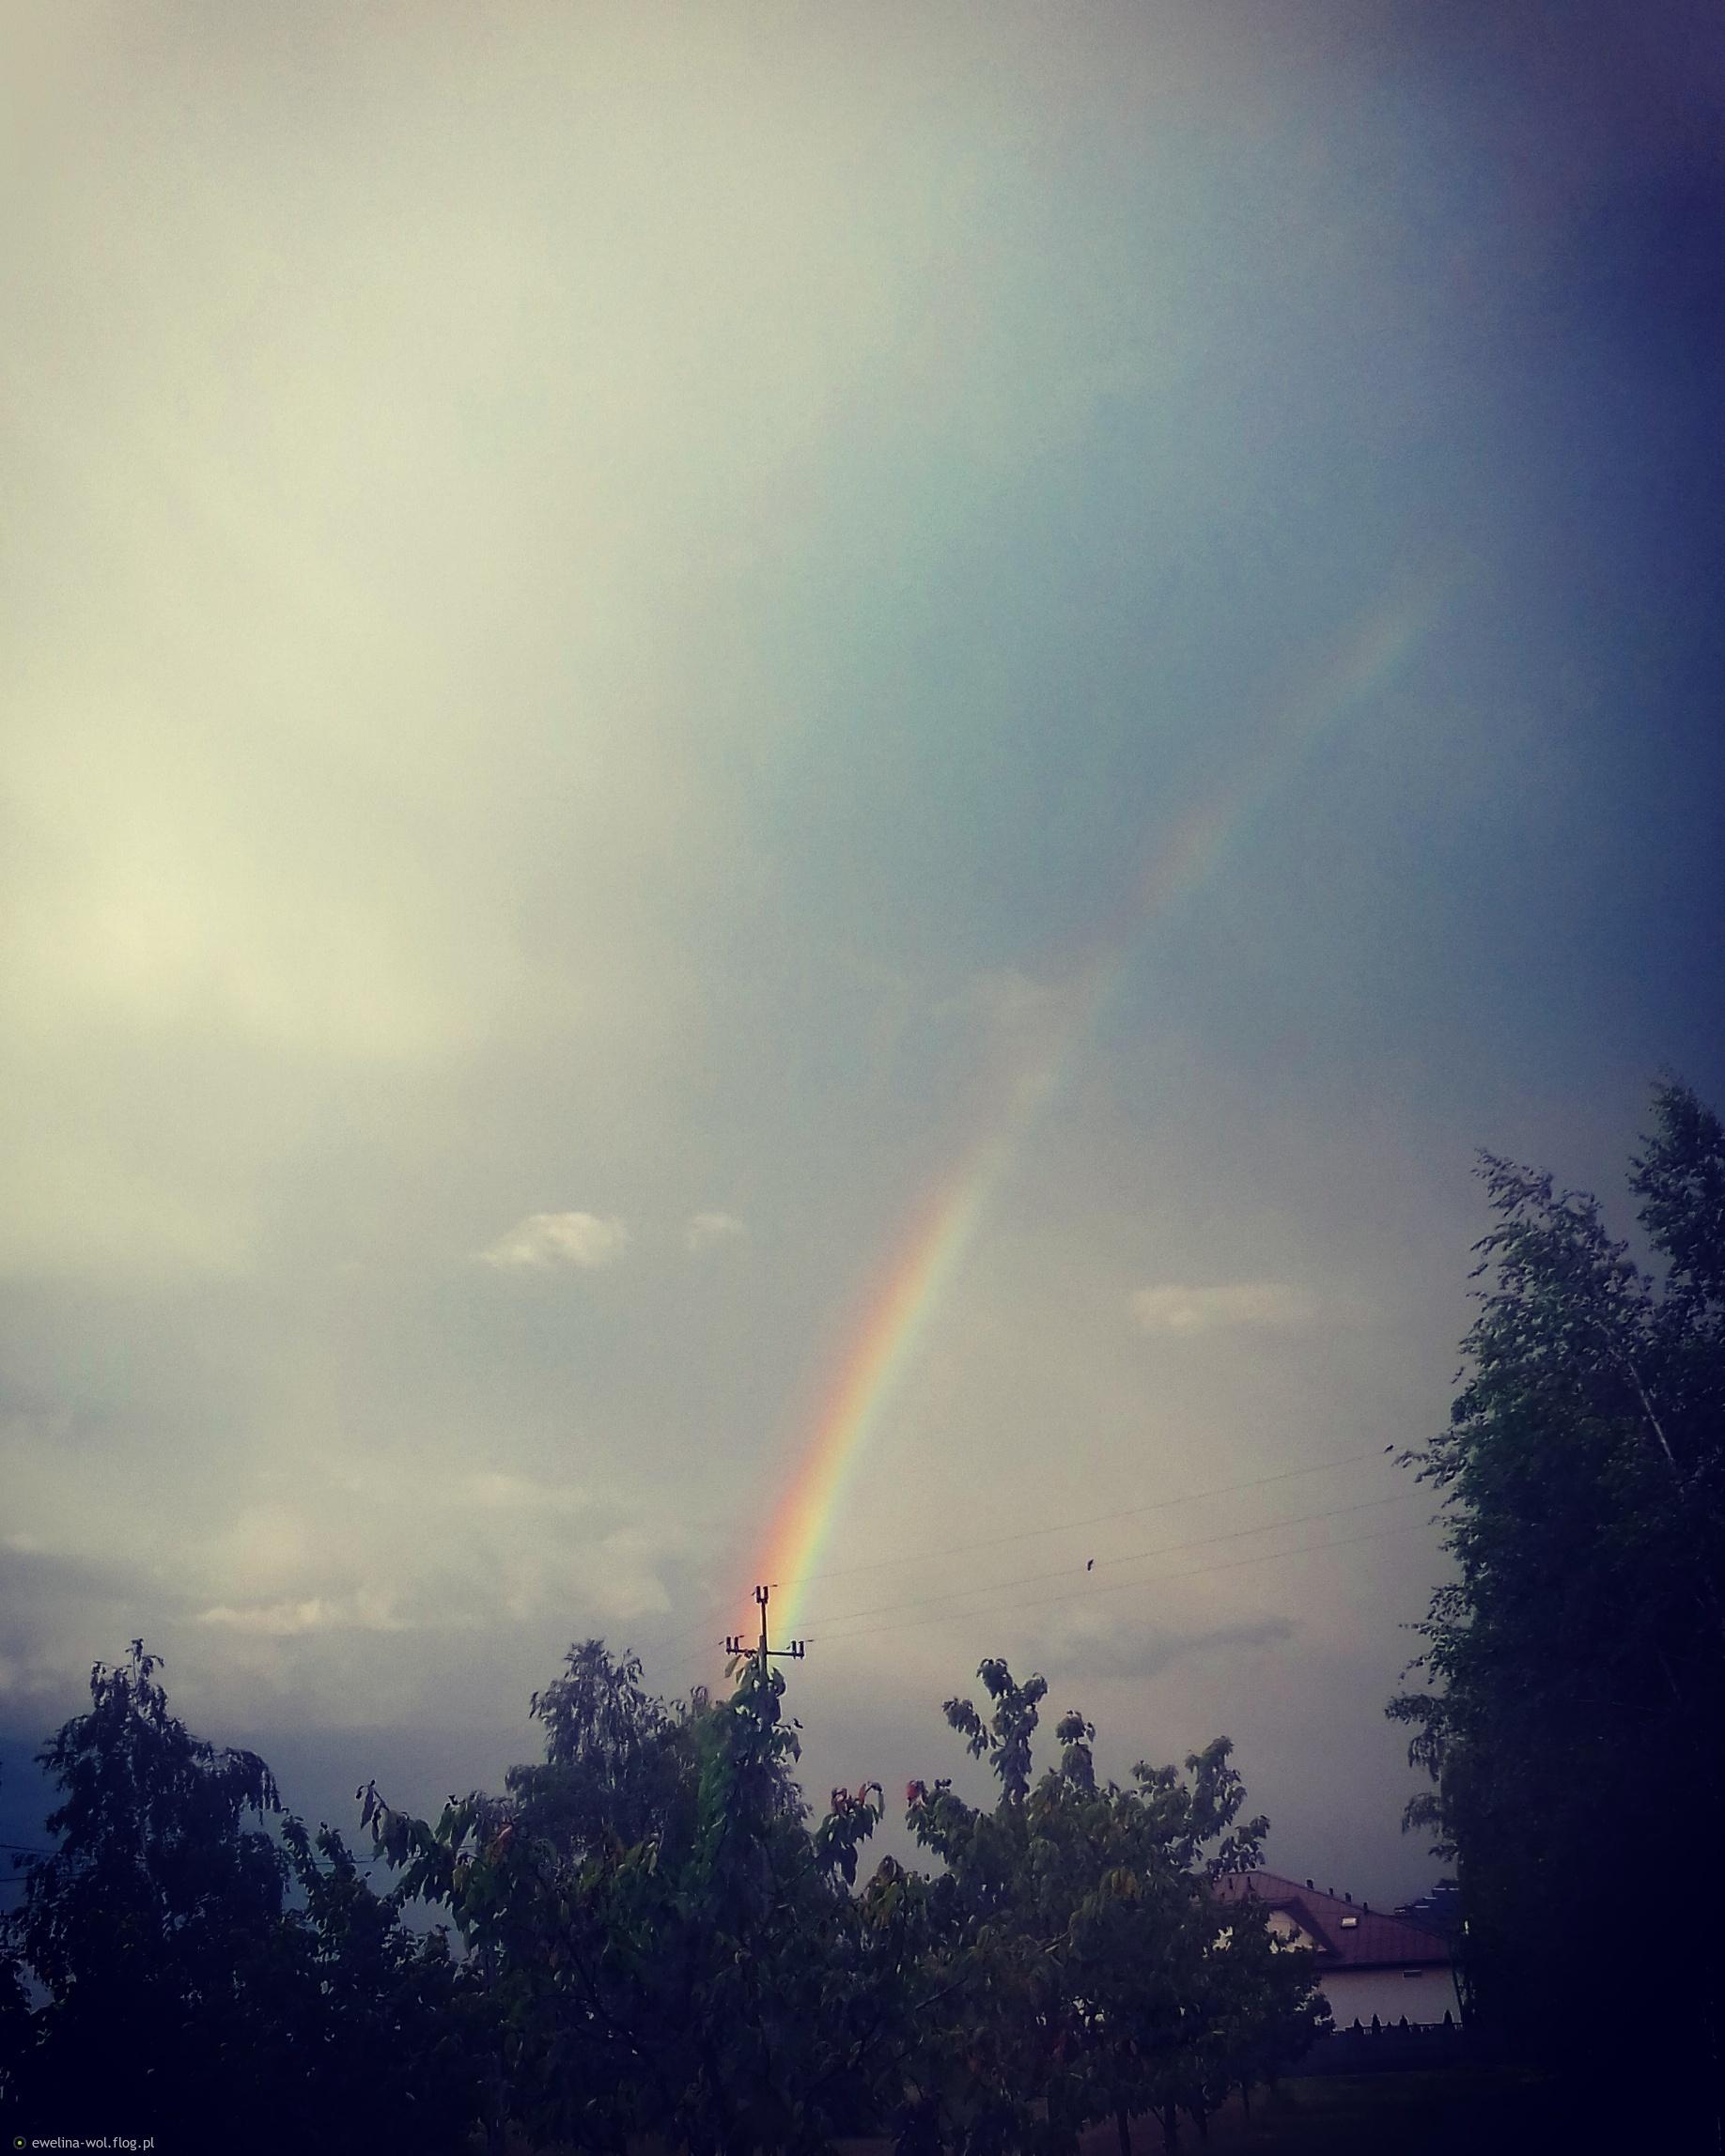 Po burzy zawsze wyjdzie tęcza :)